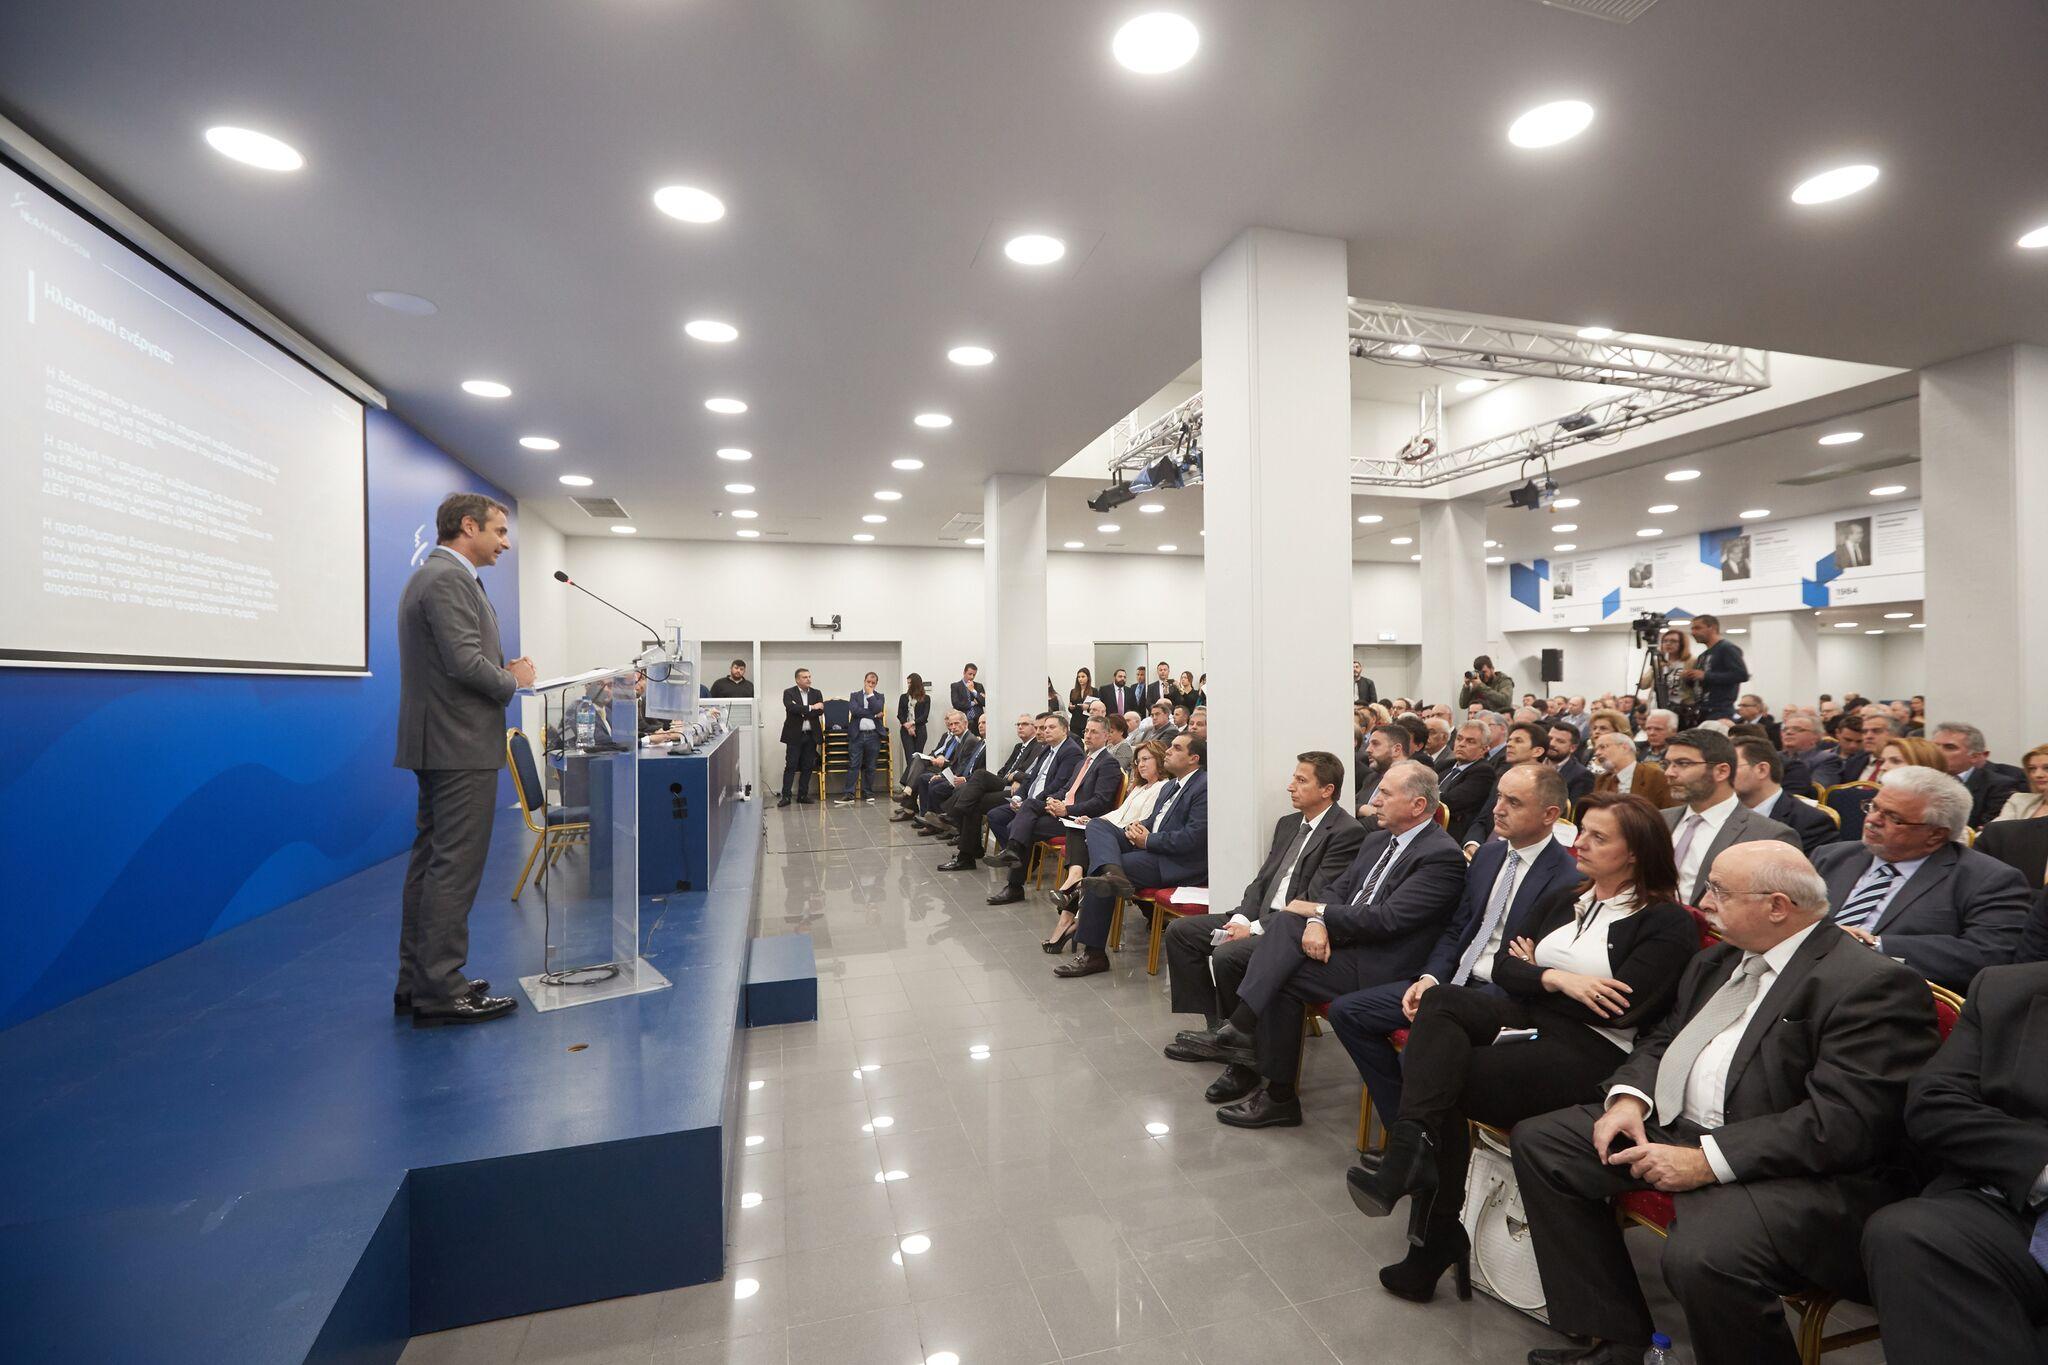 Το σχέδιο Μητσοτάκη για την ΔΕΗ: Ιδιωτικοποίηση του ΑΔΜΗΕ κατά 66%, εξυγίανση και στρατηγικός επενδυτής